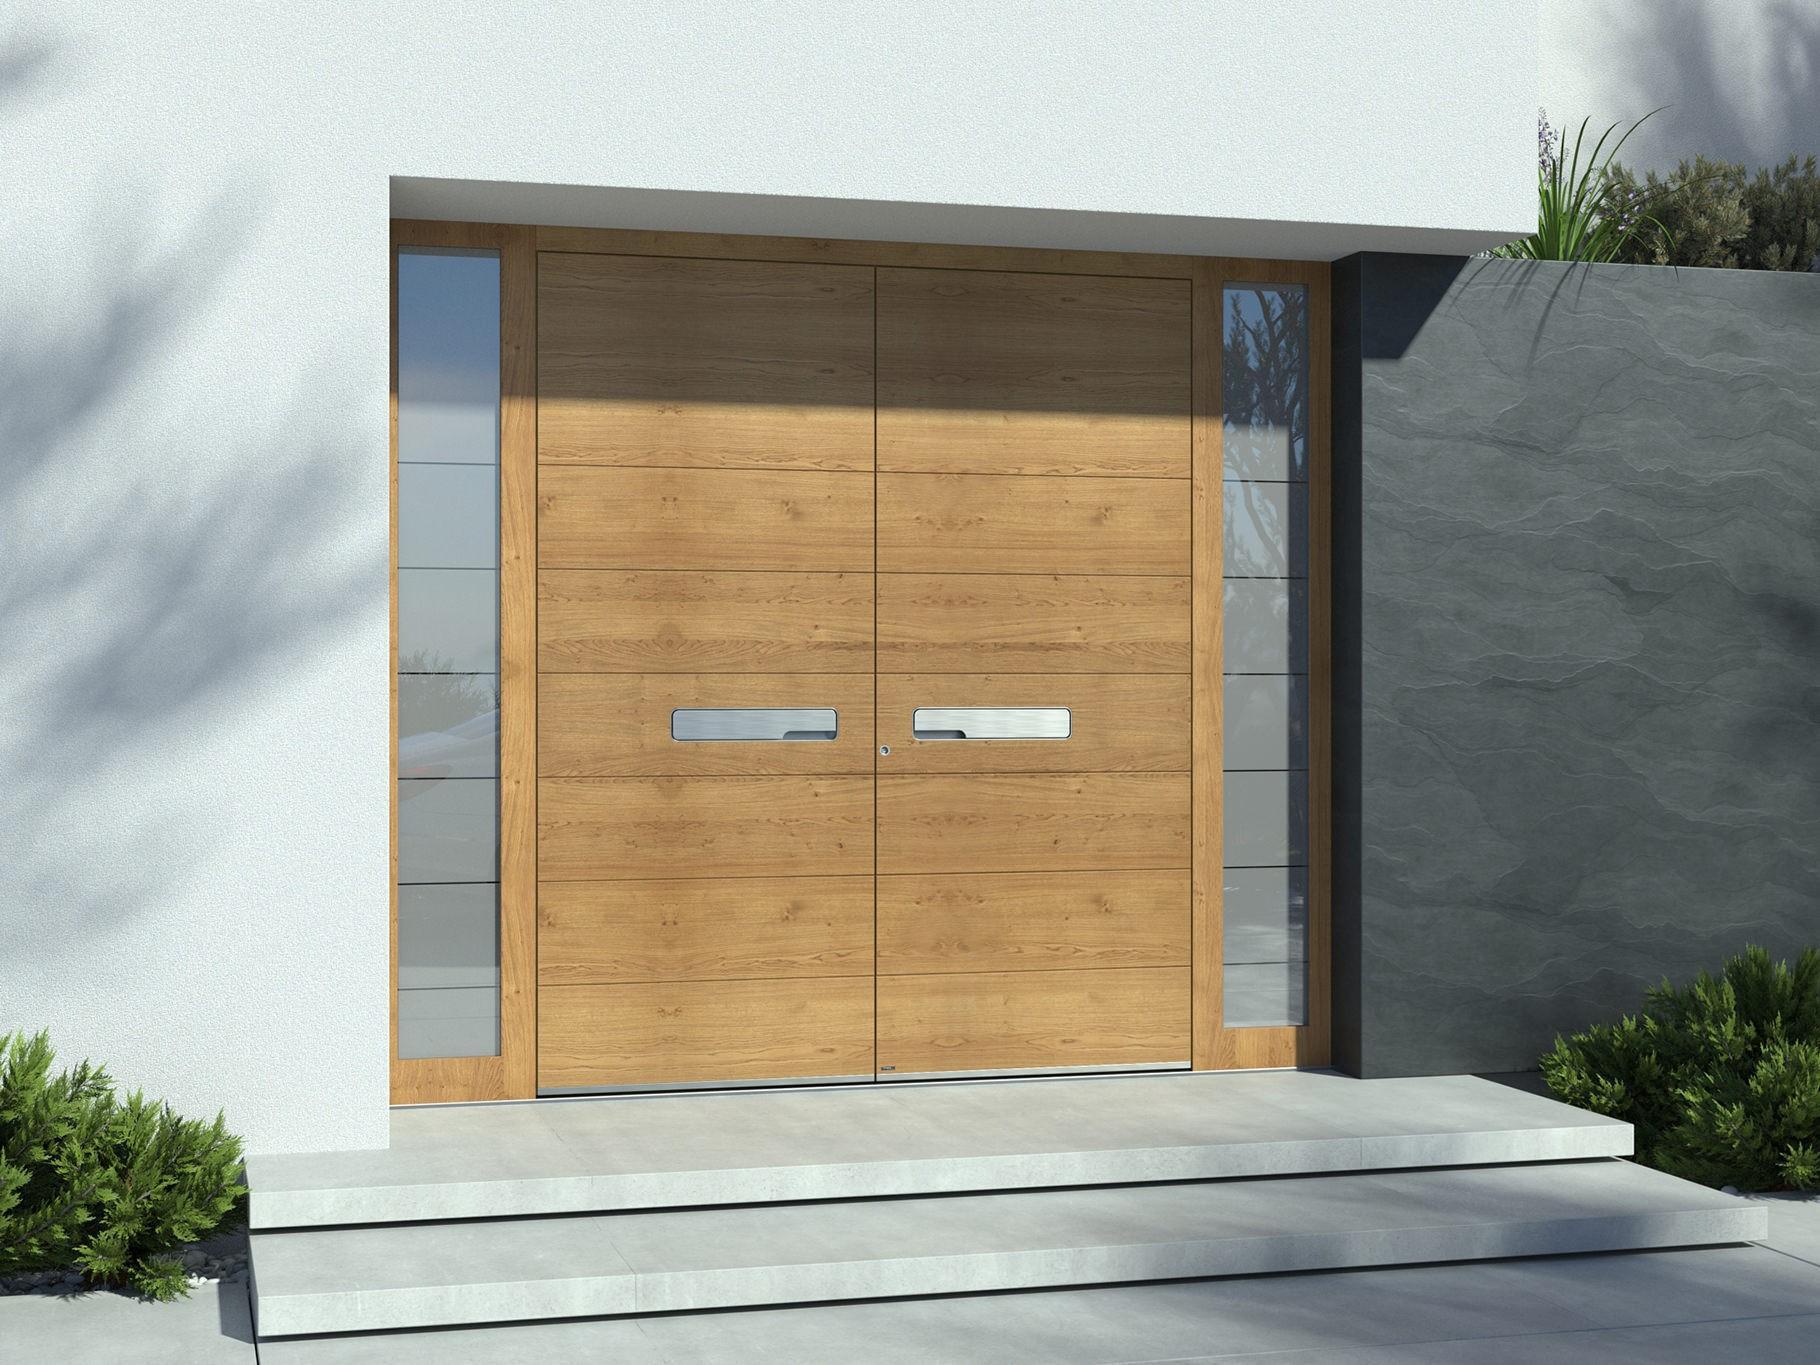 Protihrupna vrata za stanovanje